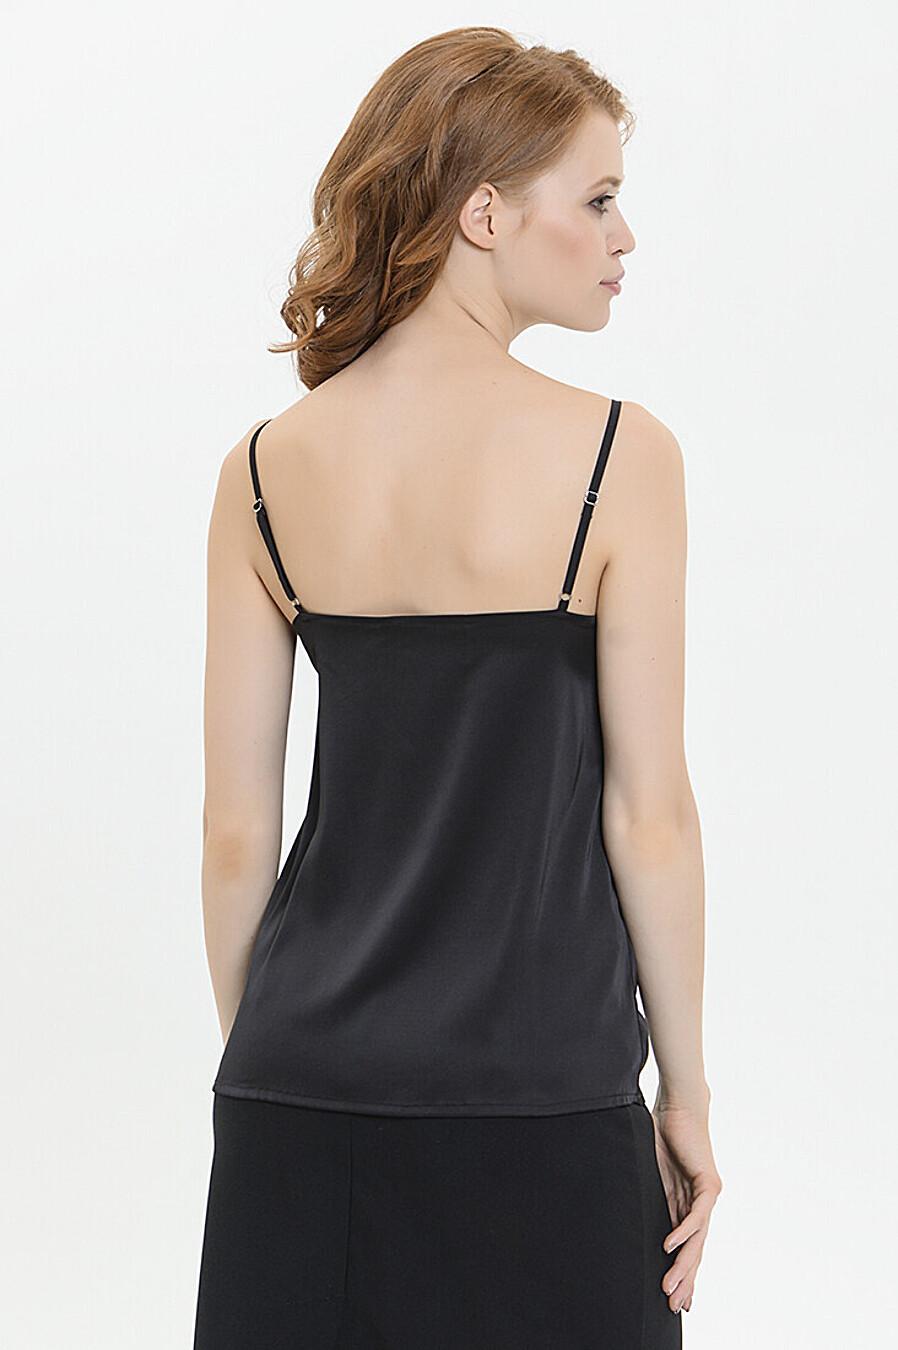 Топ для женщин KOTIS 161435 купить оптом от производителя. Совместная покупка женской одежды в OptMoyo